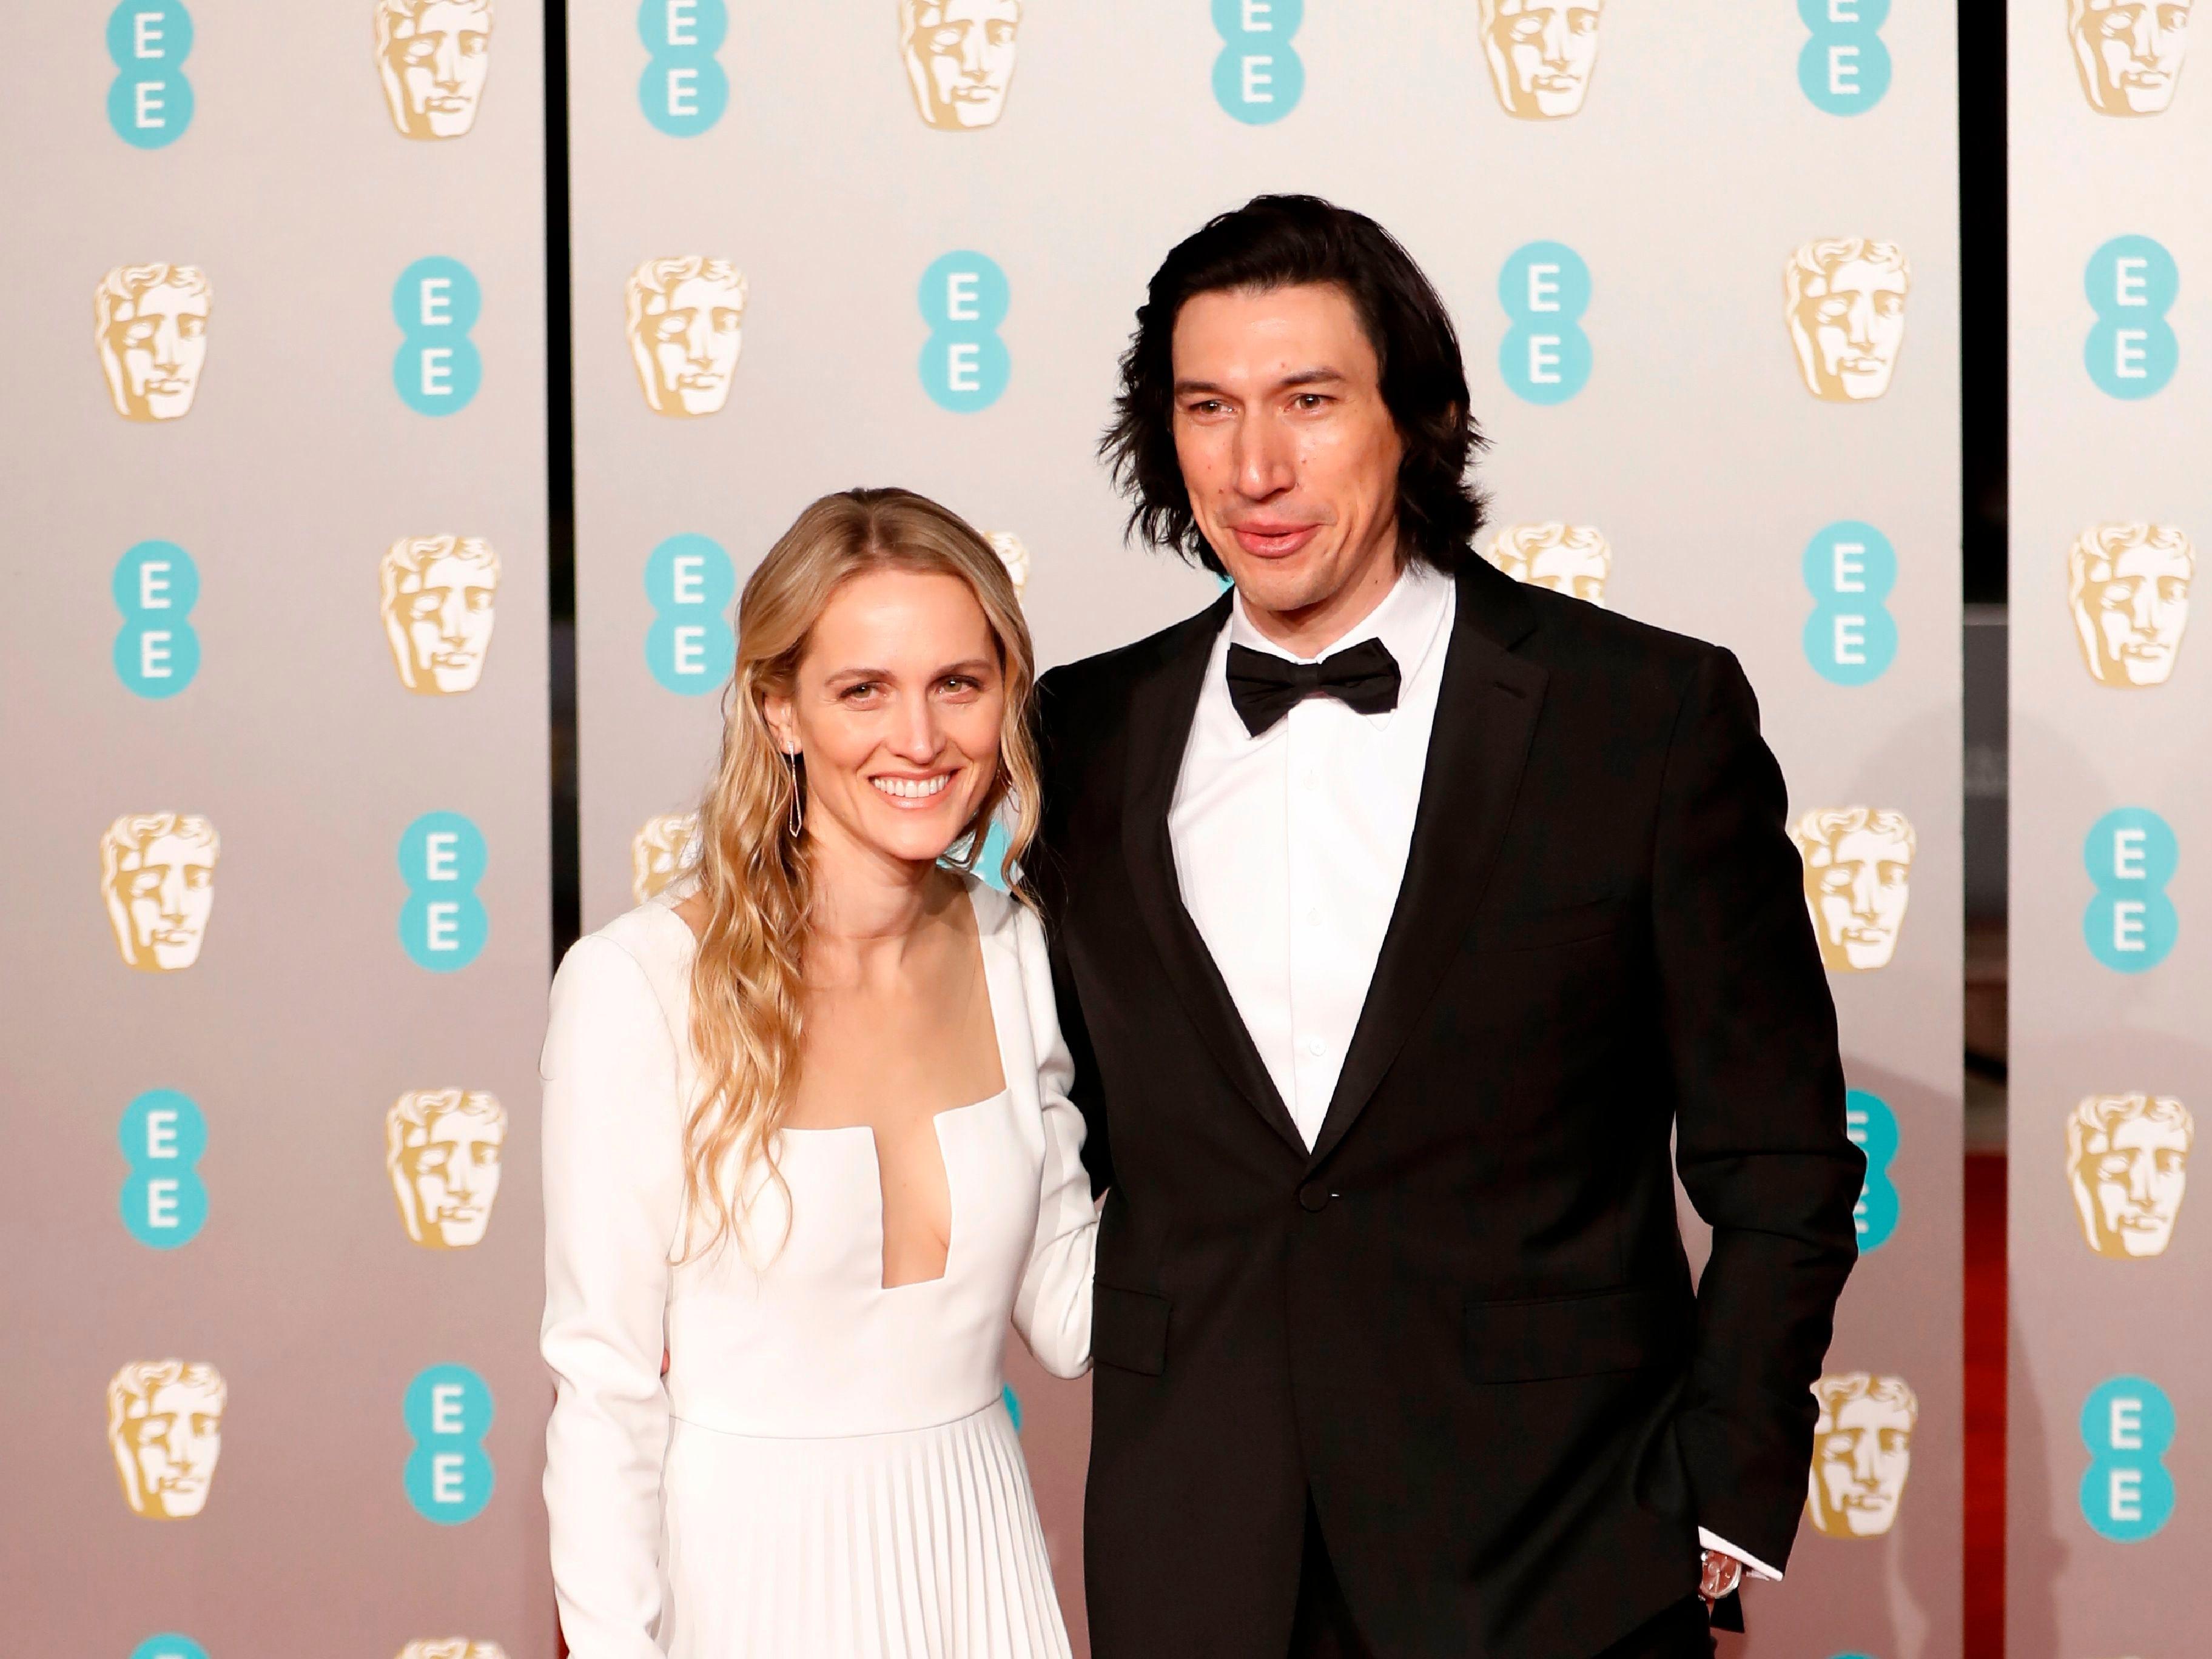 Joanne Tucker (izq) y Adam Driver (der) a su llegada a la alfombra roja de los Premios de la Academia Británica de Cine BAFTA en el Royal Albert Hall en Londres el 10 de febrero de 2019.